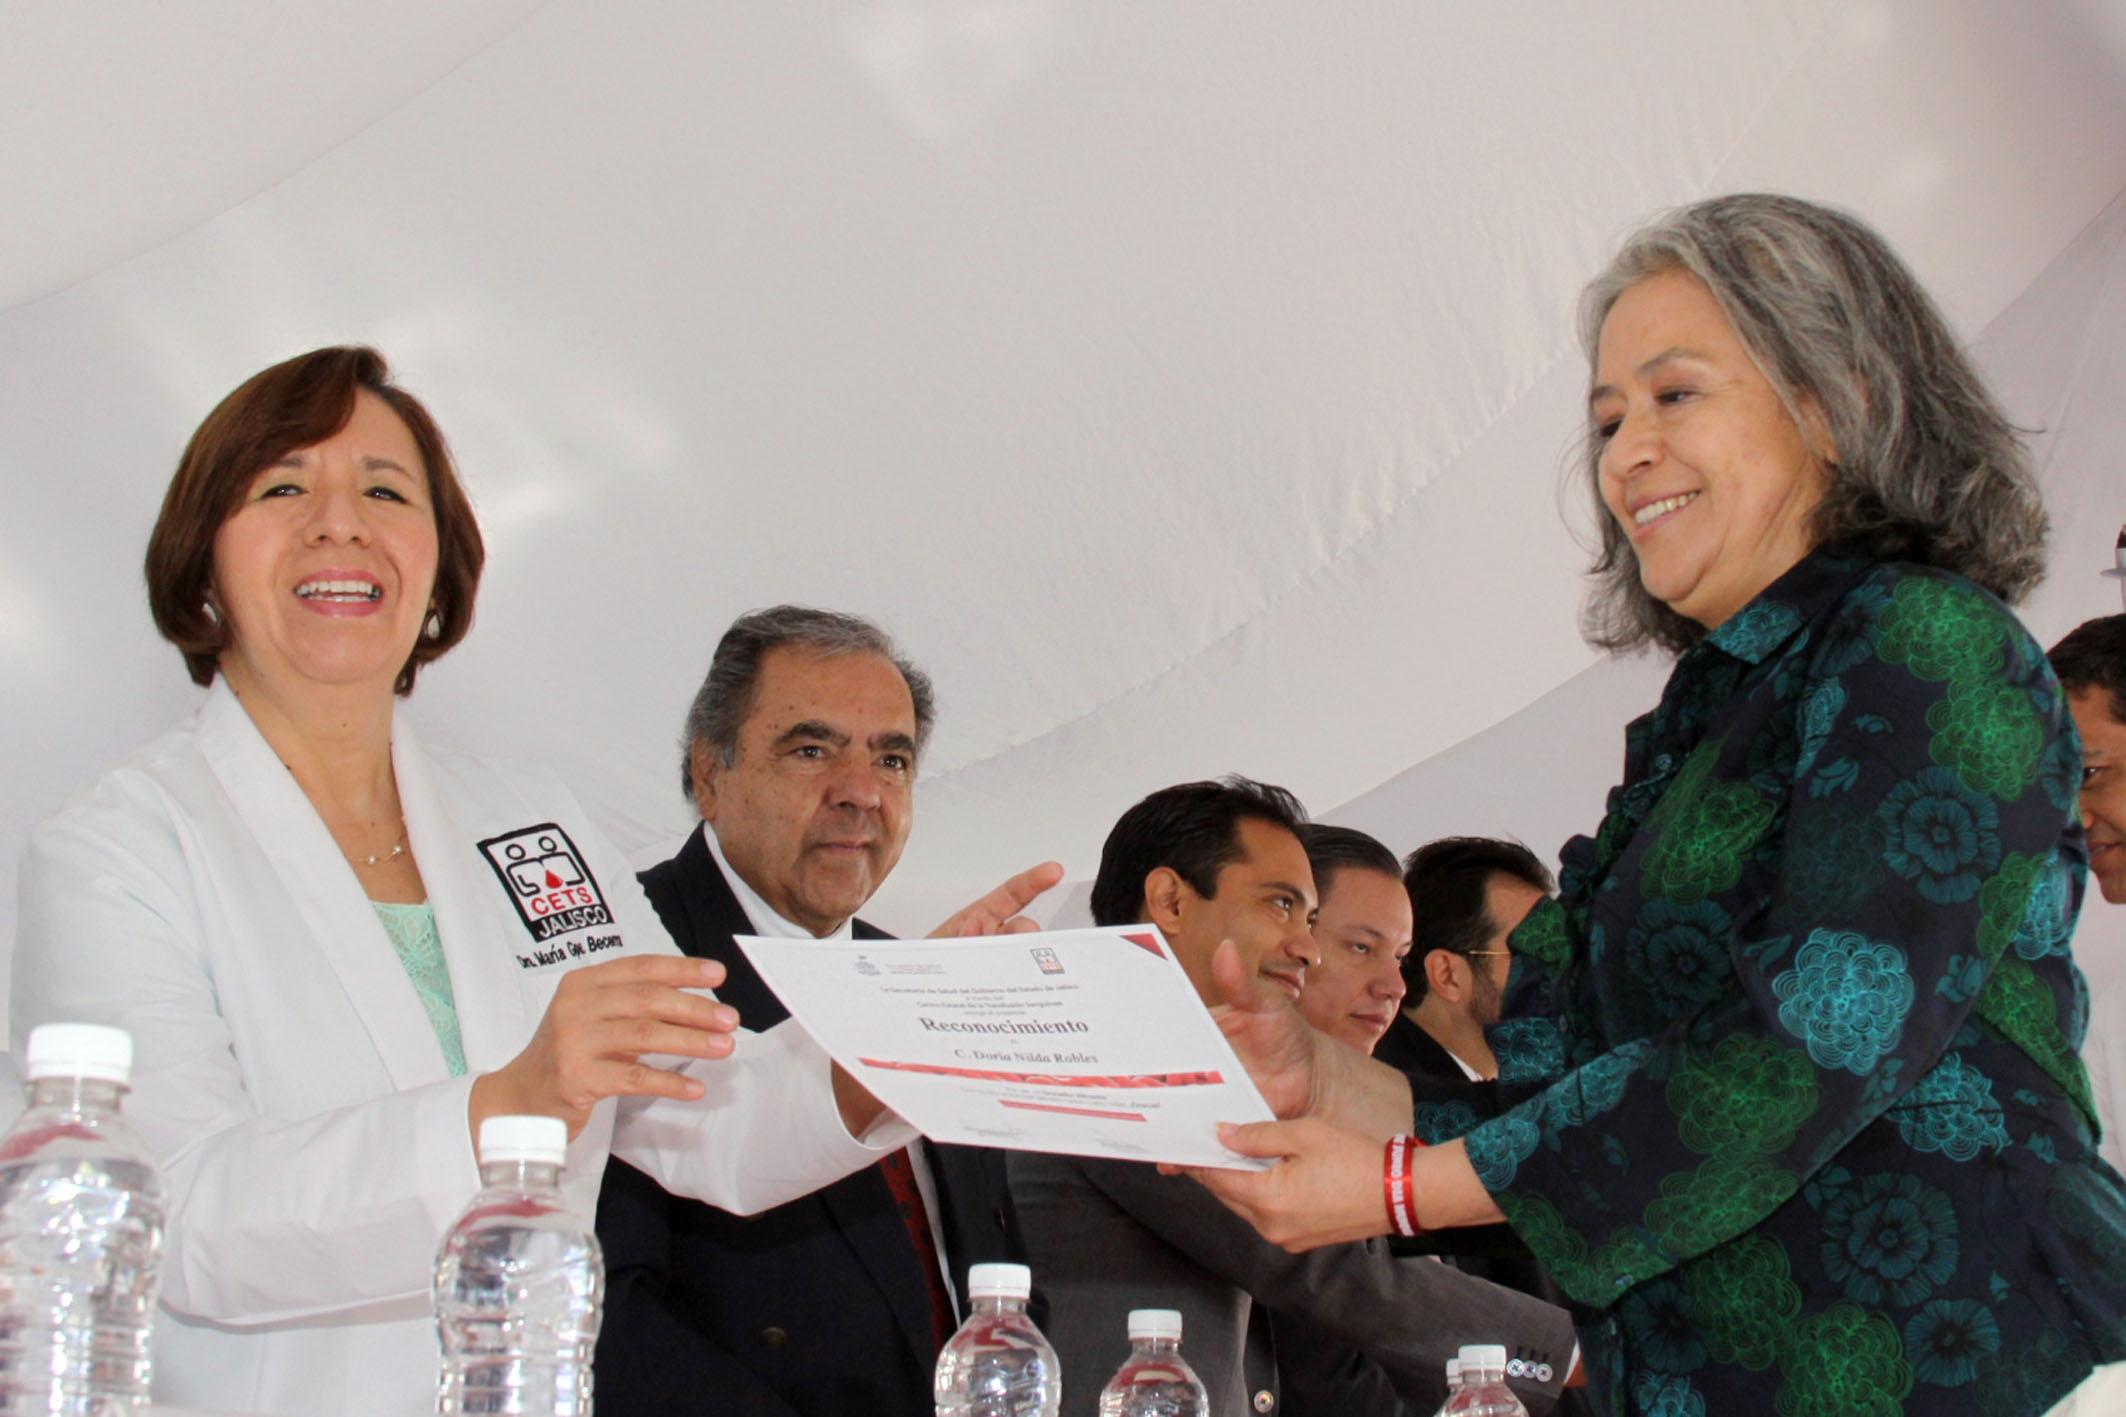 El CET reconoce a empresas, universidades y población en general por su participación altruista y voluntaria